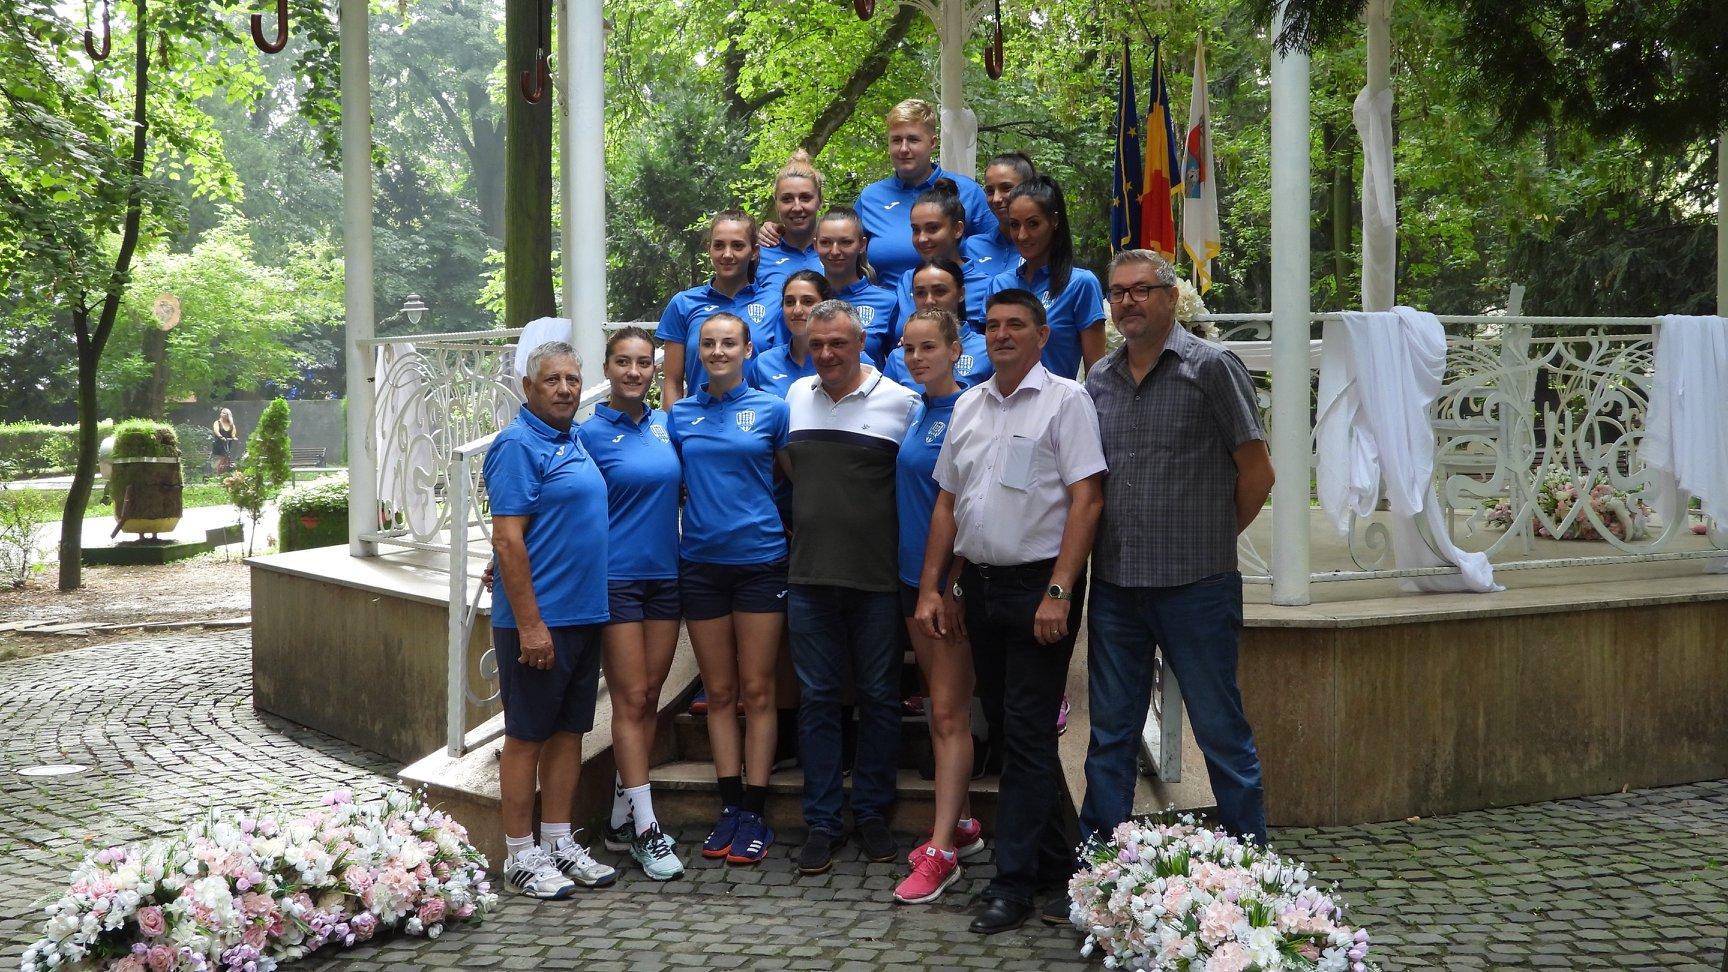 Echipamentul oficial al echipei de handbal CSM Deva, prezentat în Parcul Cetate